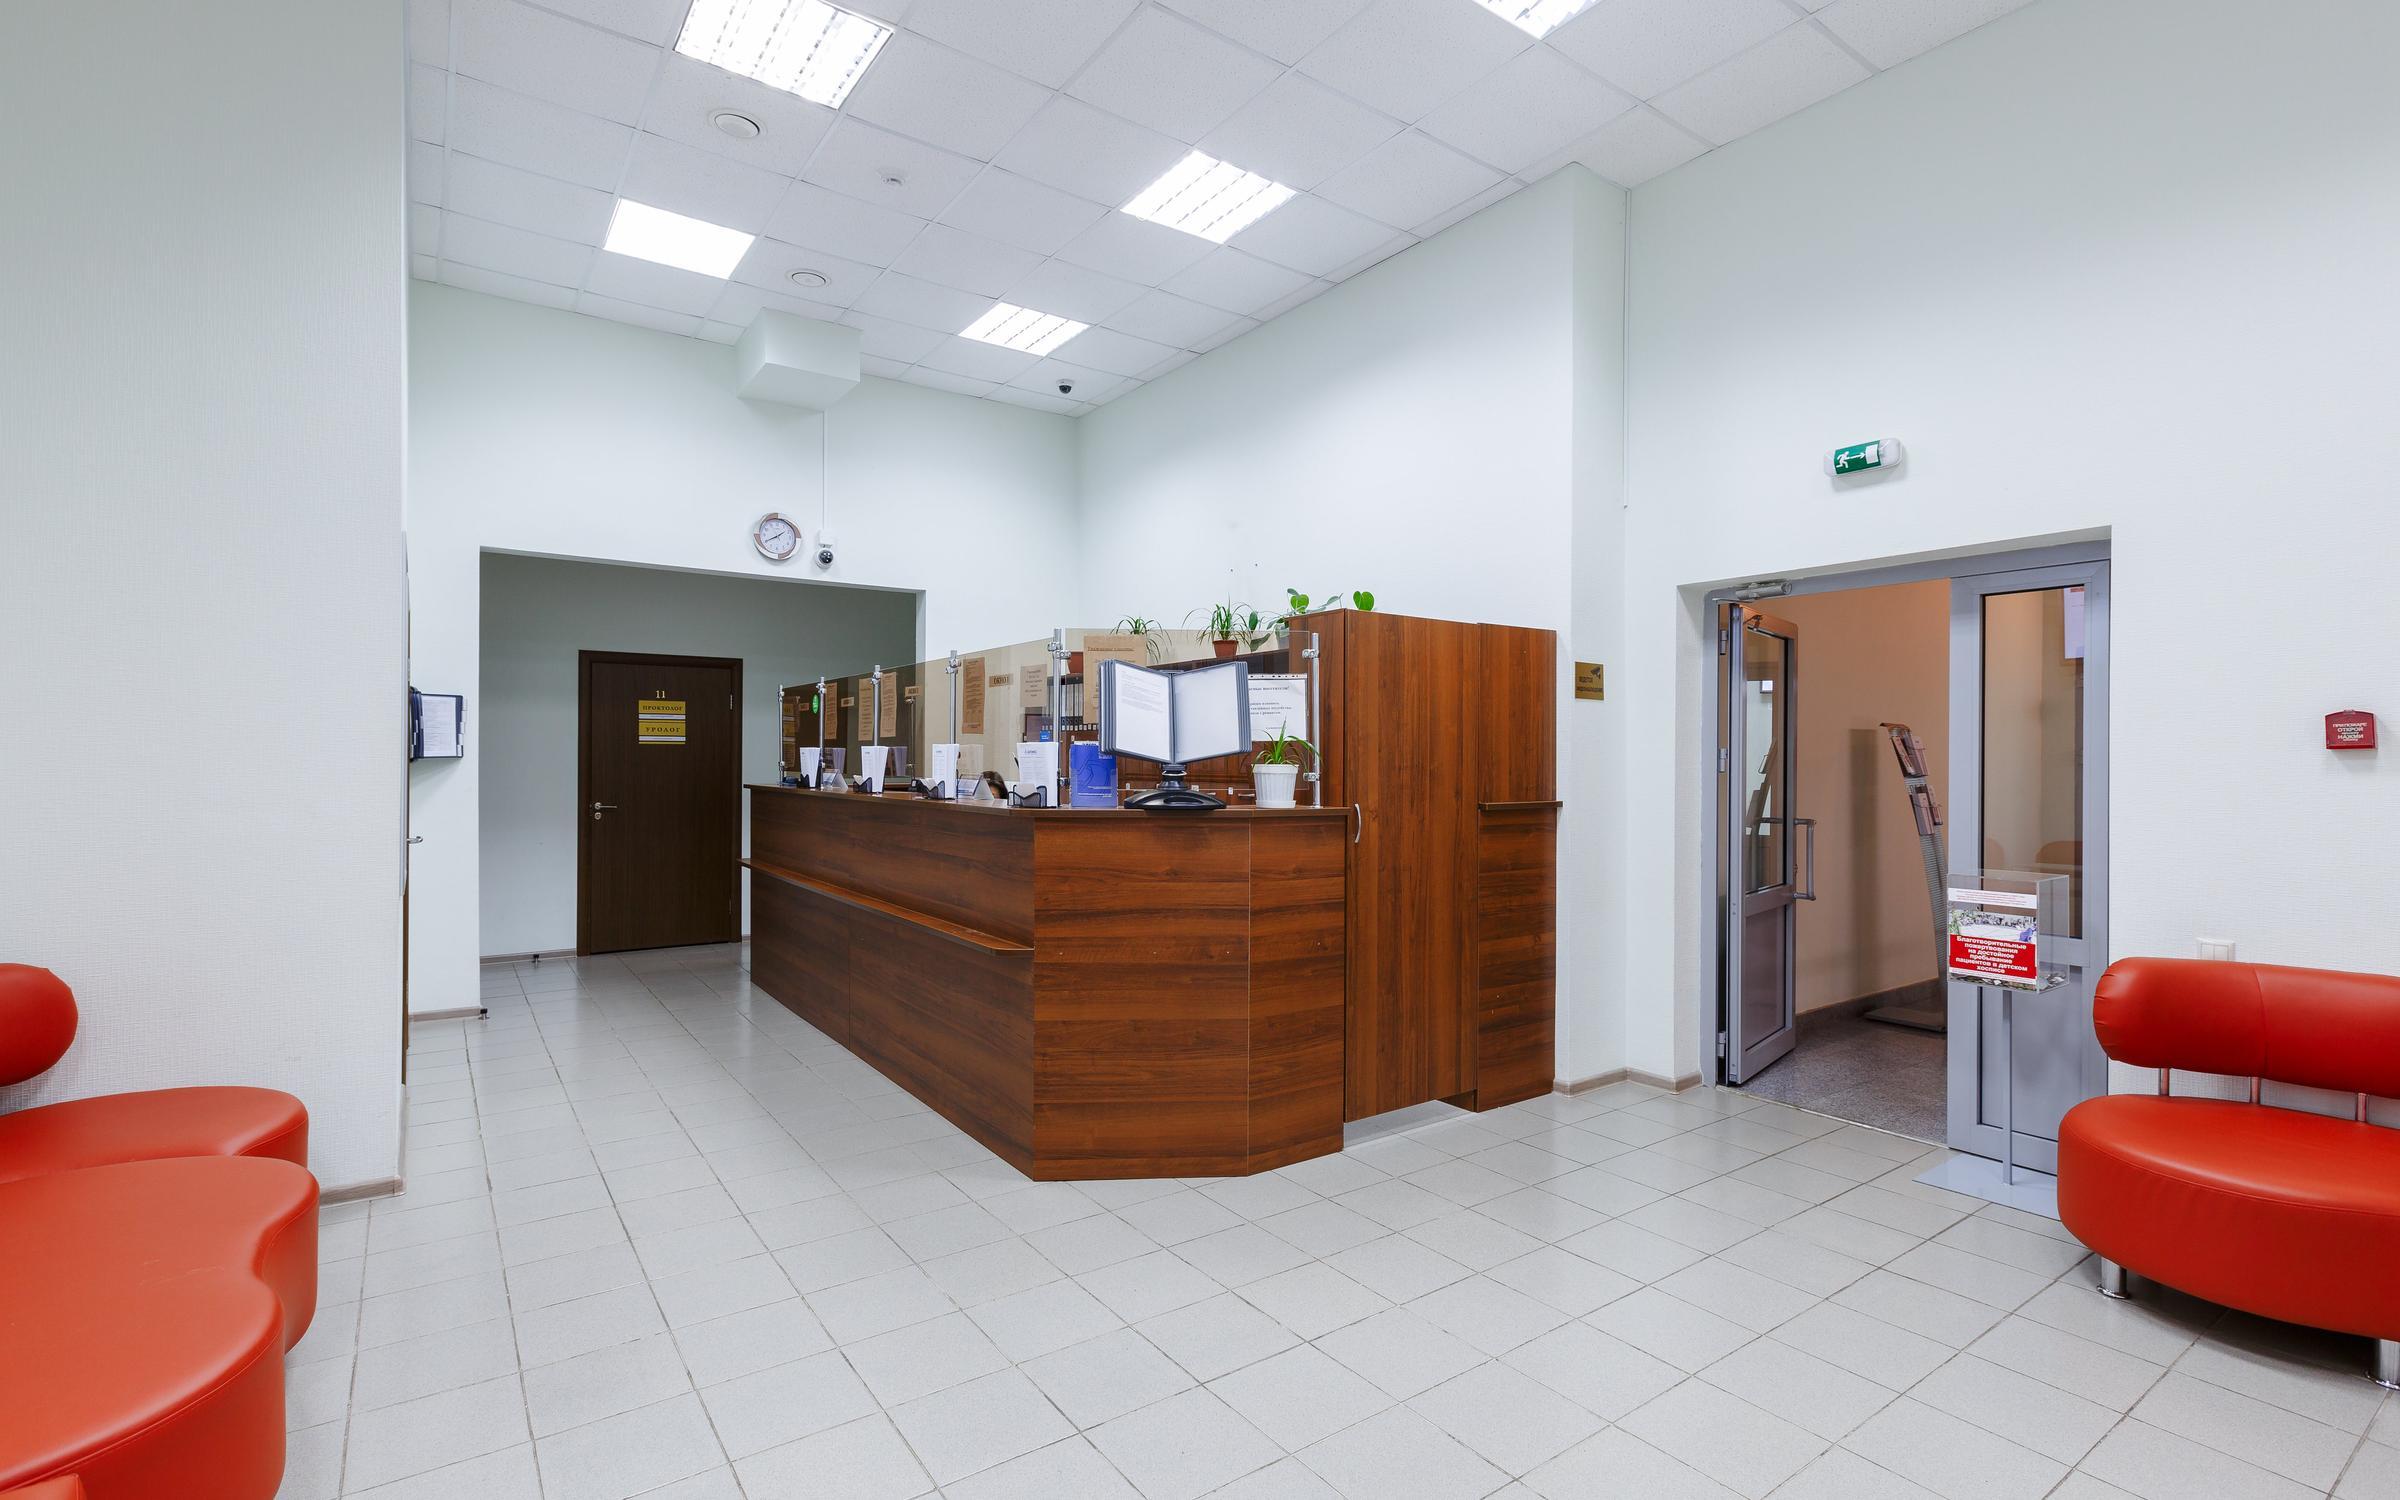 фотография Лечебно-диагностического центра Биомед на проспекте Альберта Камалеева